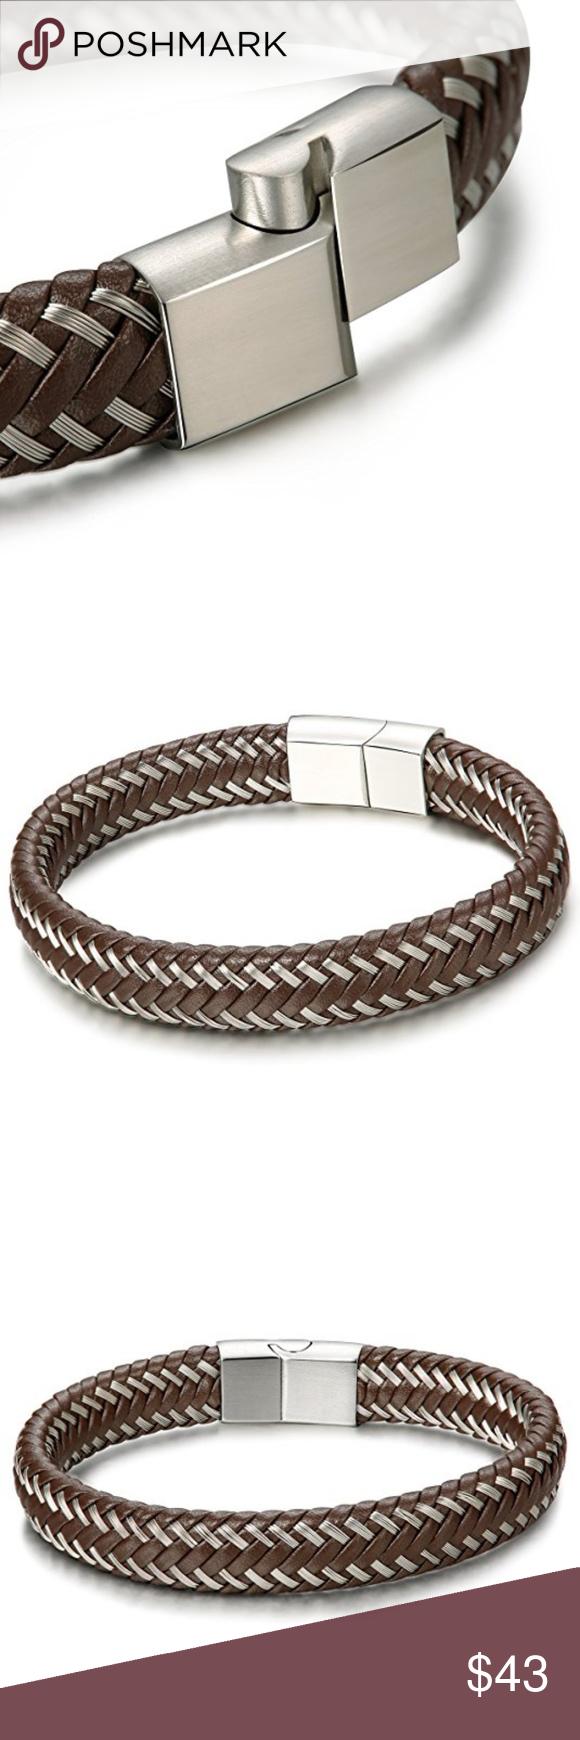 New stylish men braided leather bracelet bangle new stylish men